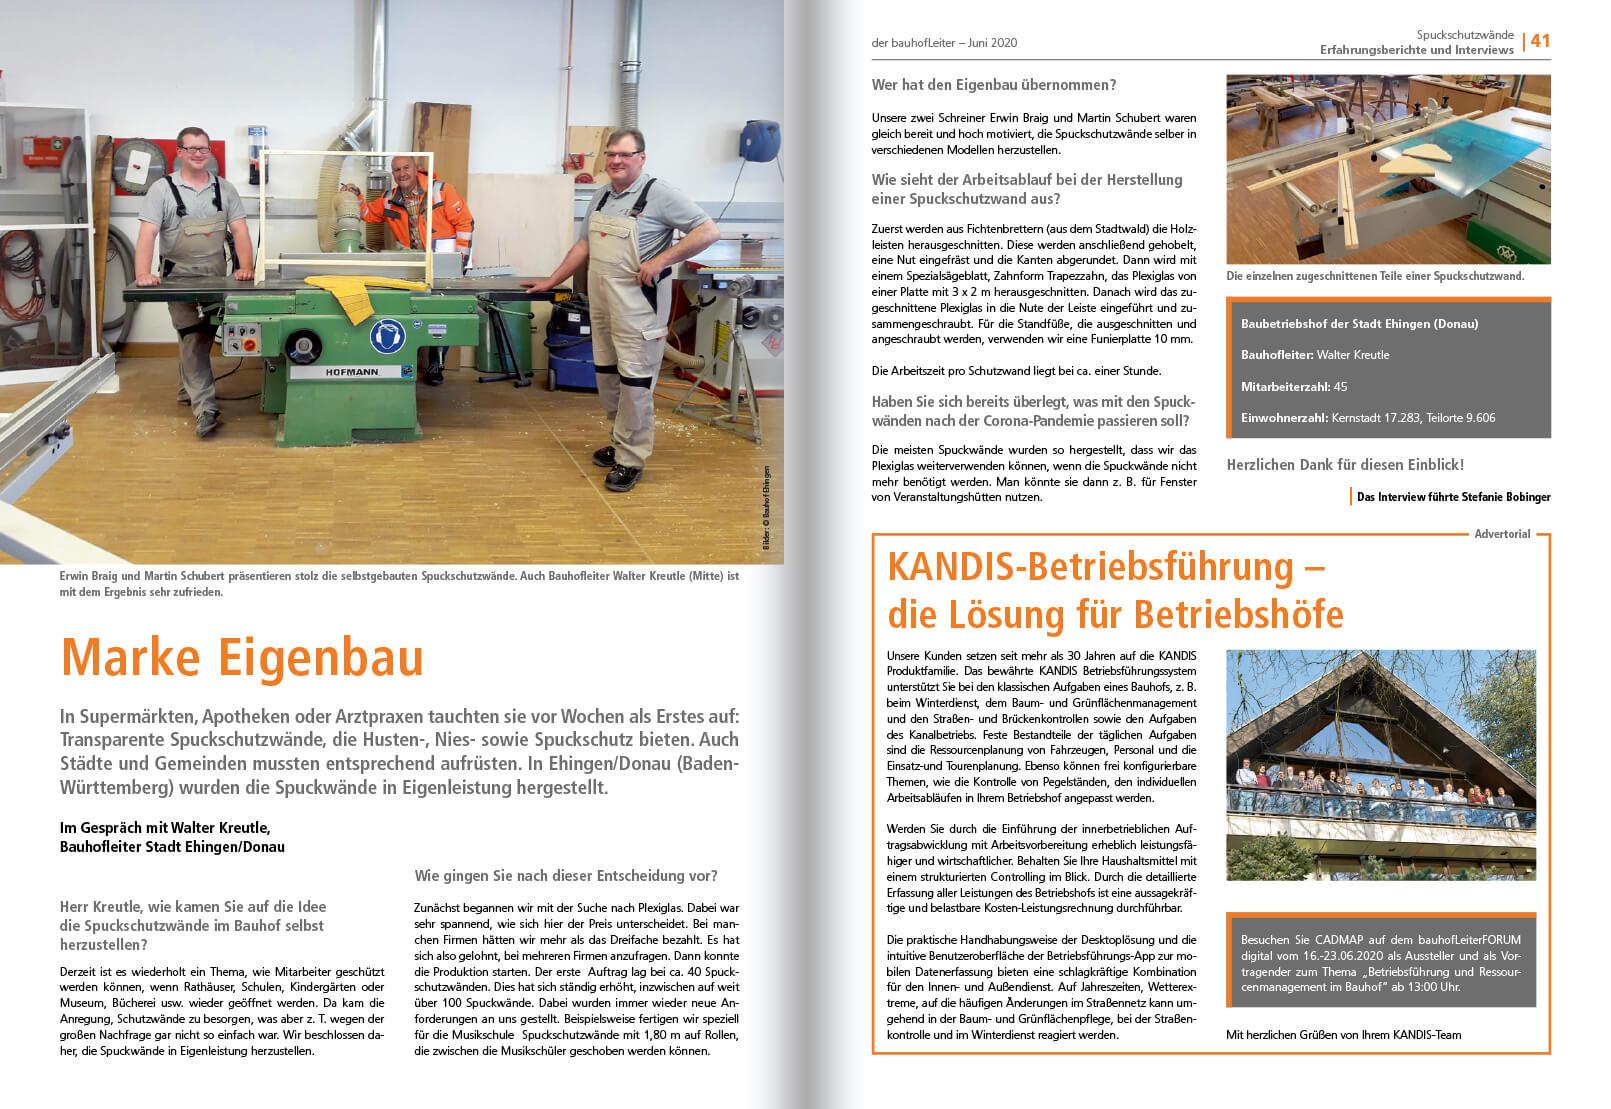 2020-06 Marke Eigenbau